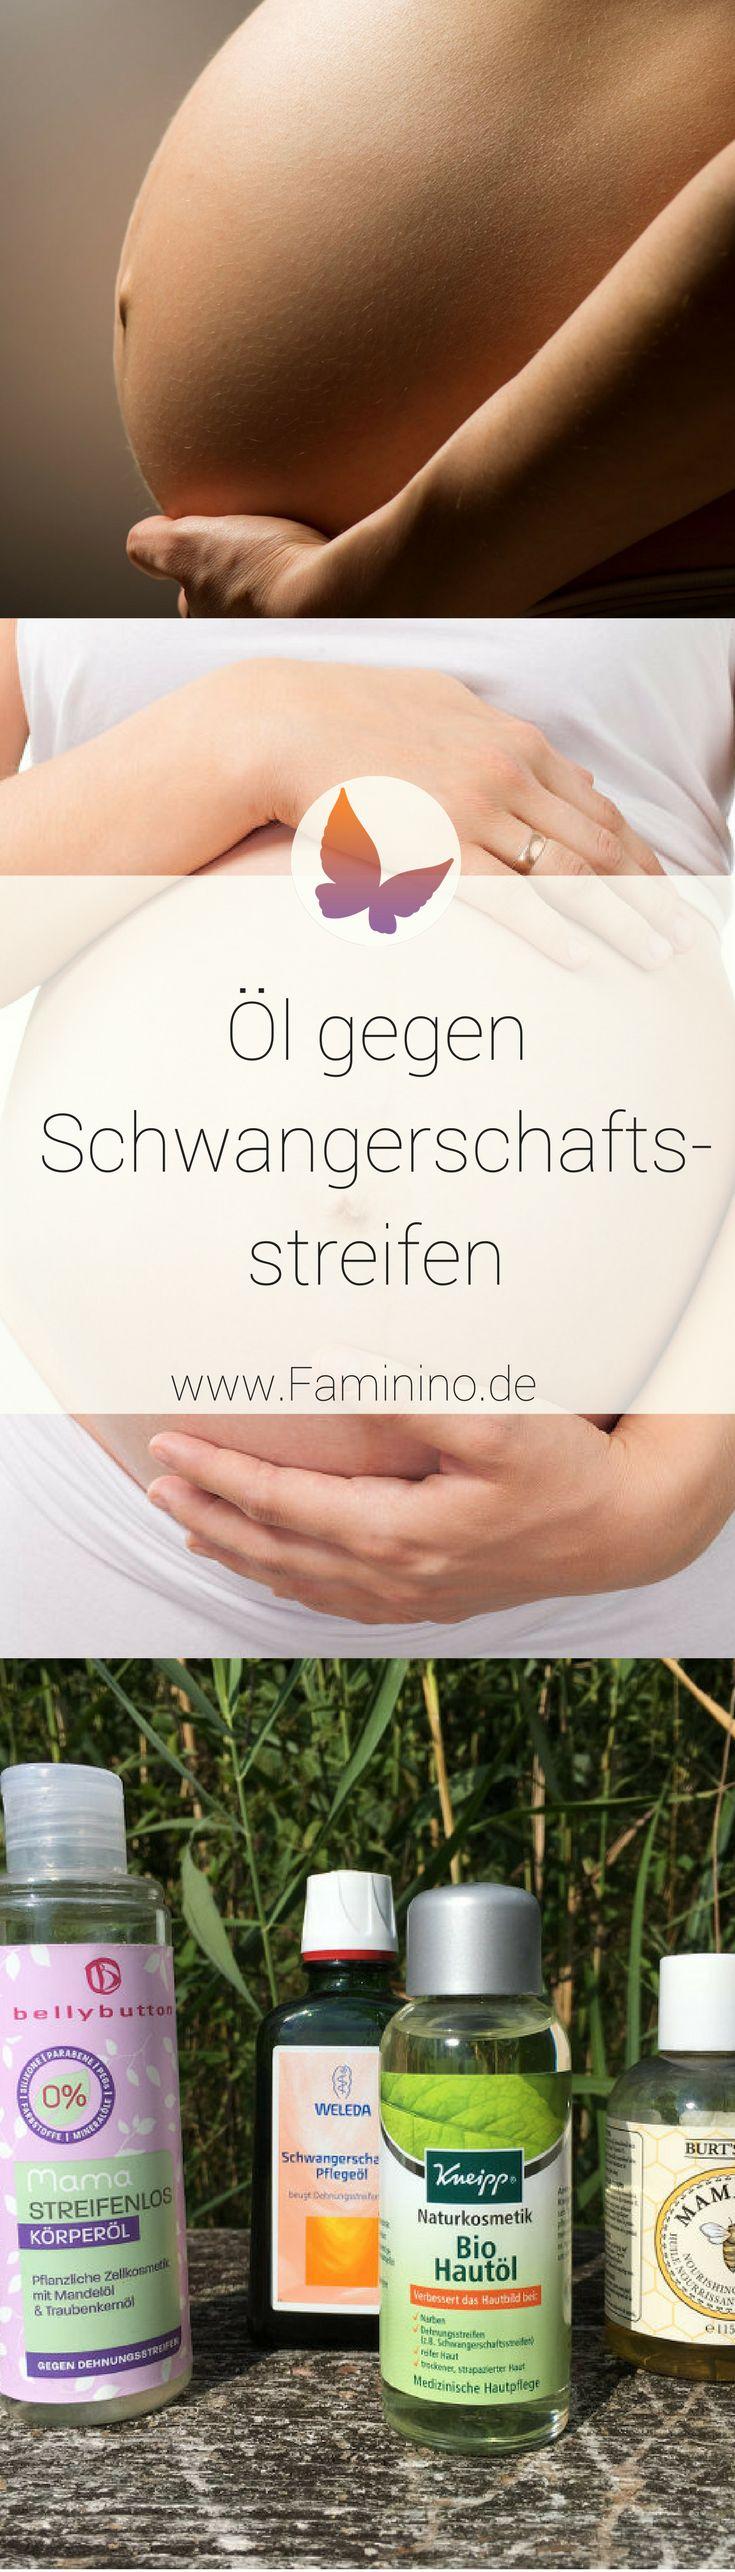 Öl gegen Schwangerschaftsstreifen: Was hilft wirklich?